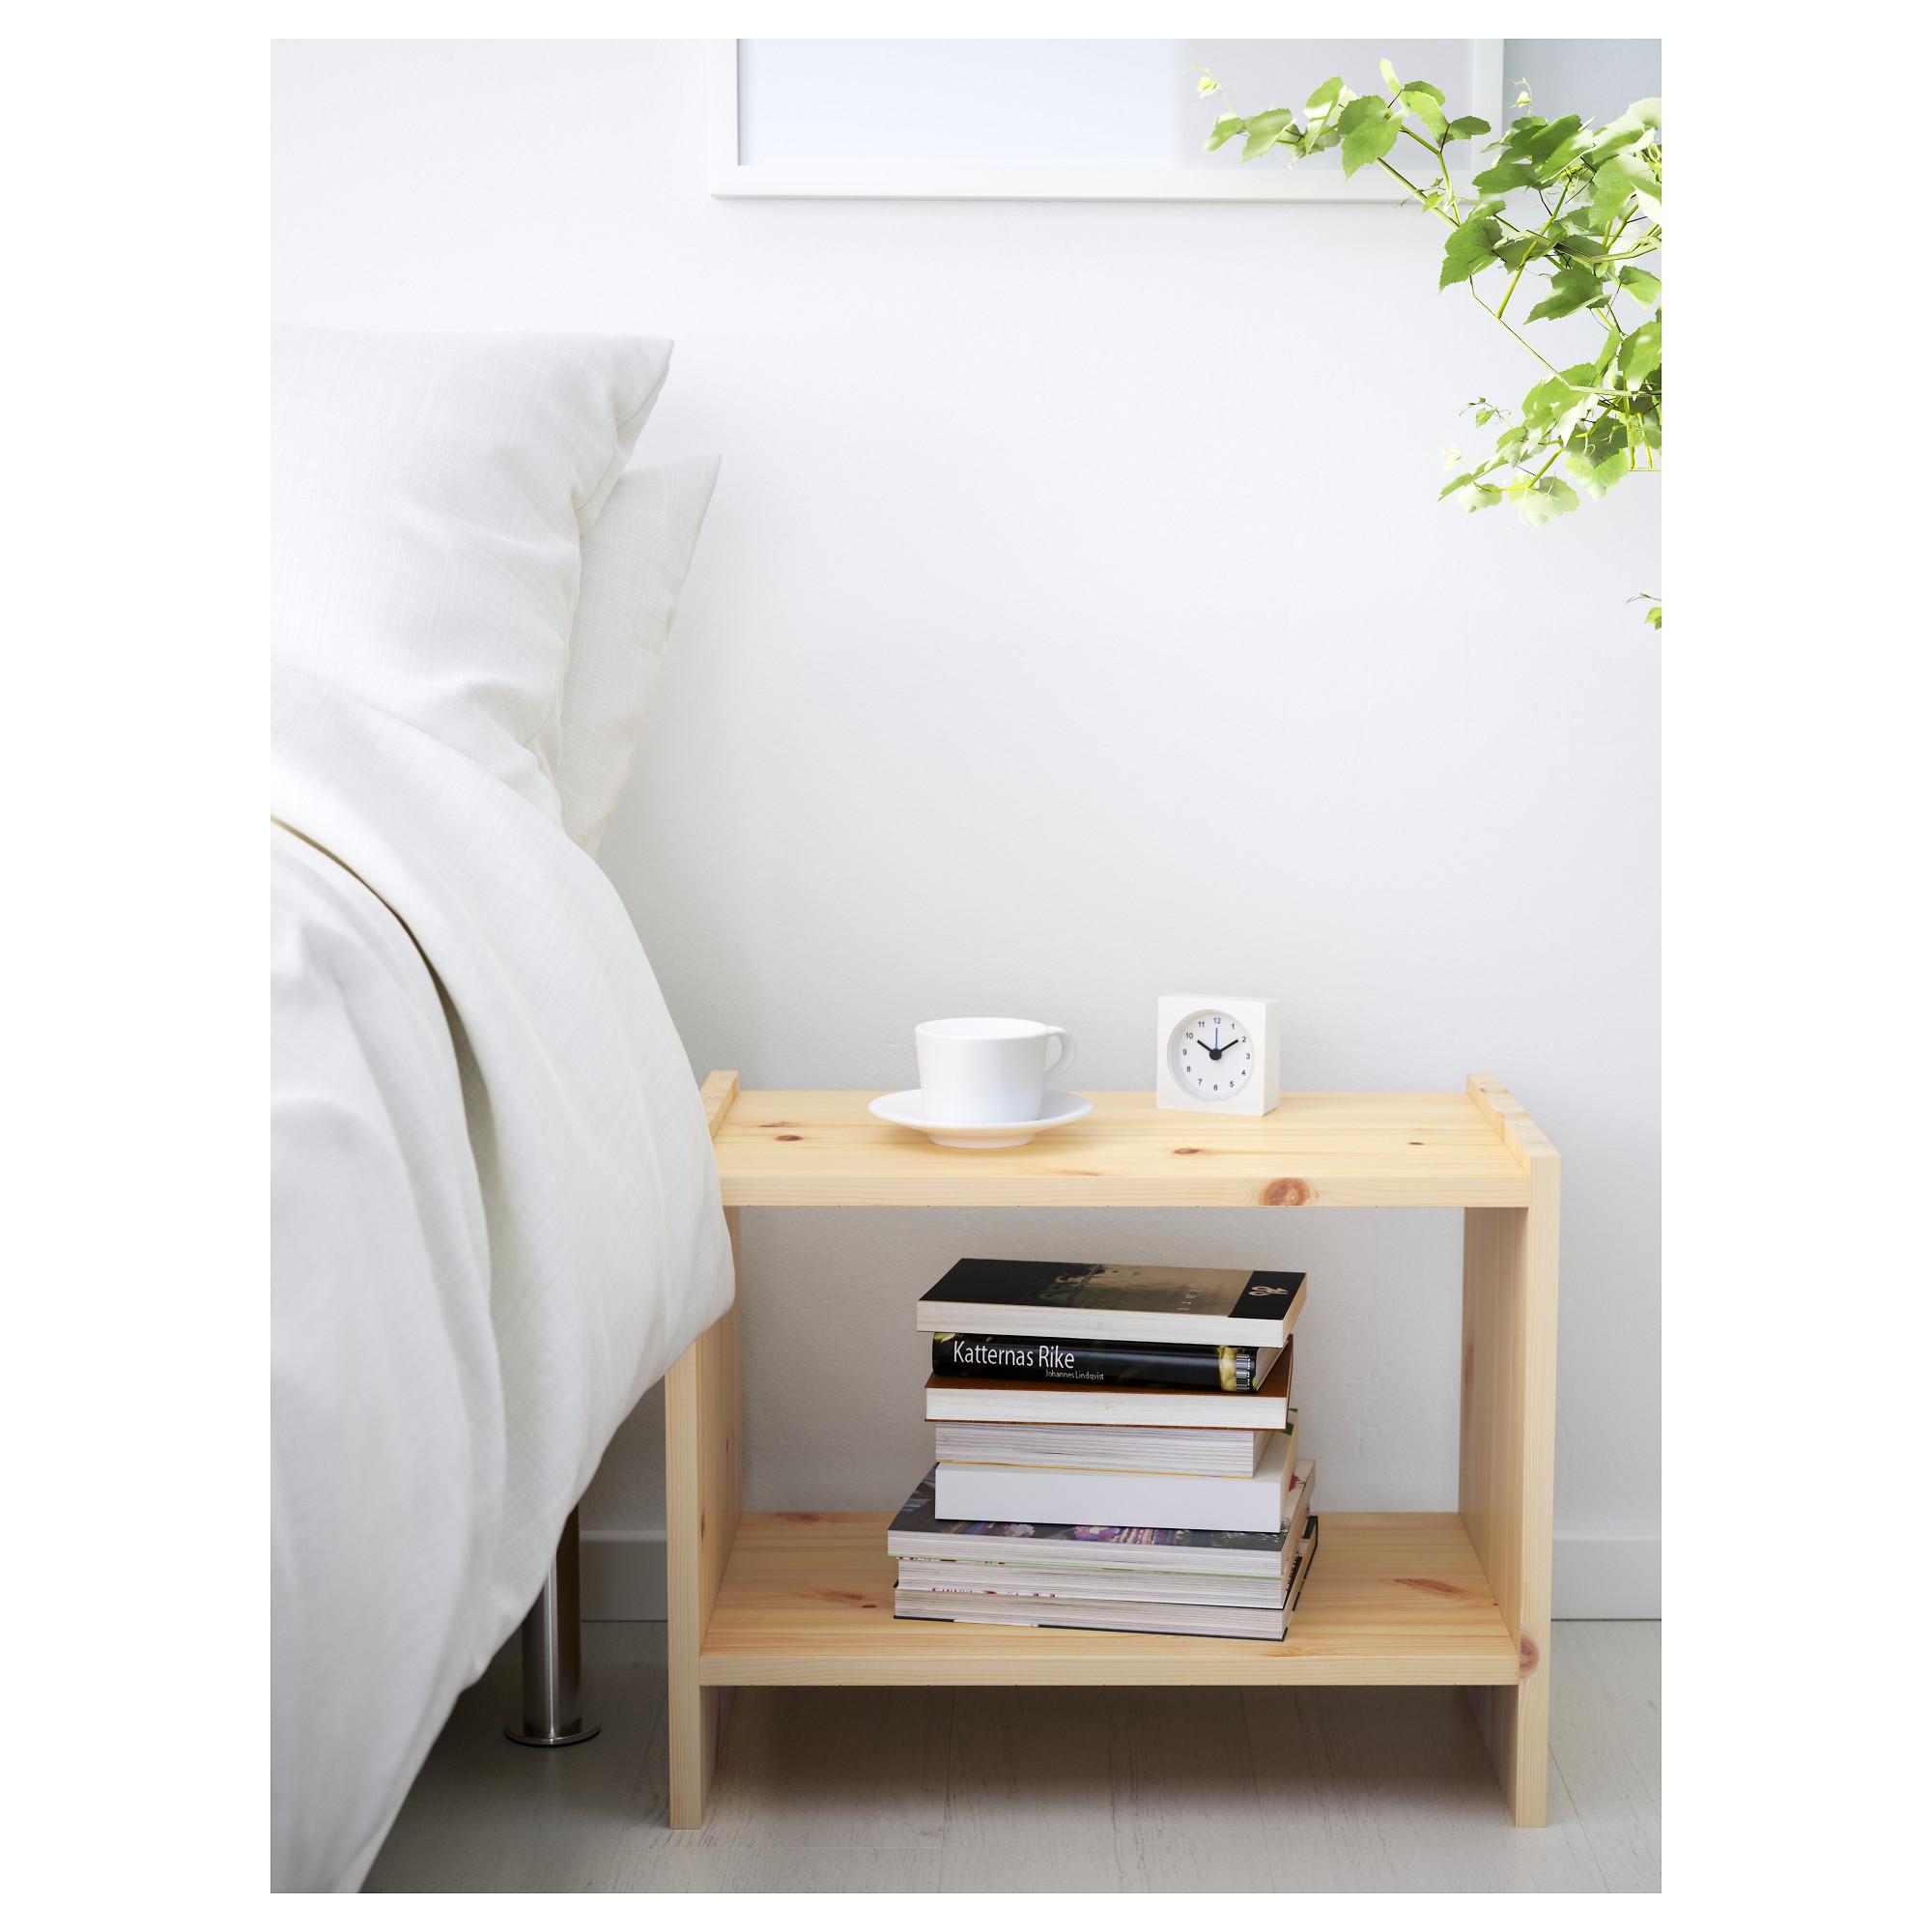 кровати, диваны, столы, стулья и кресла - купить мебель в омске на avito